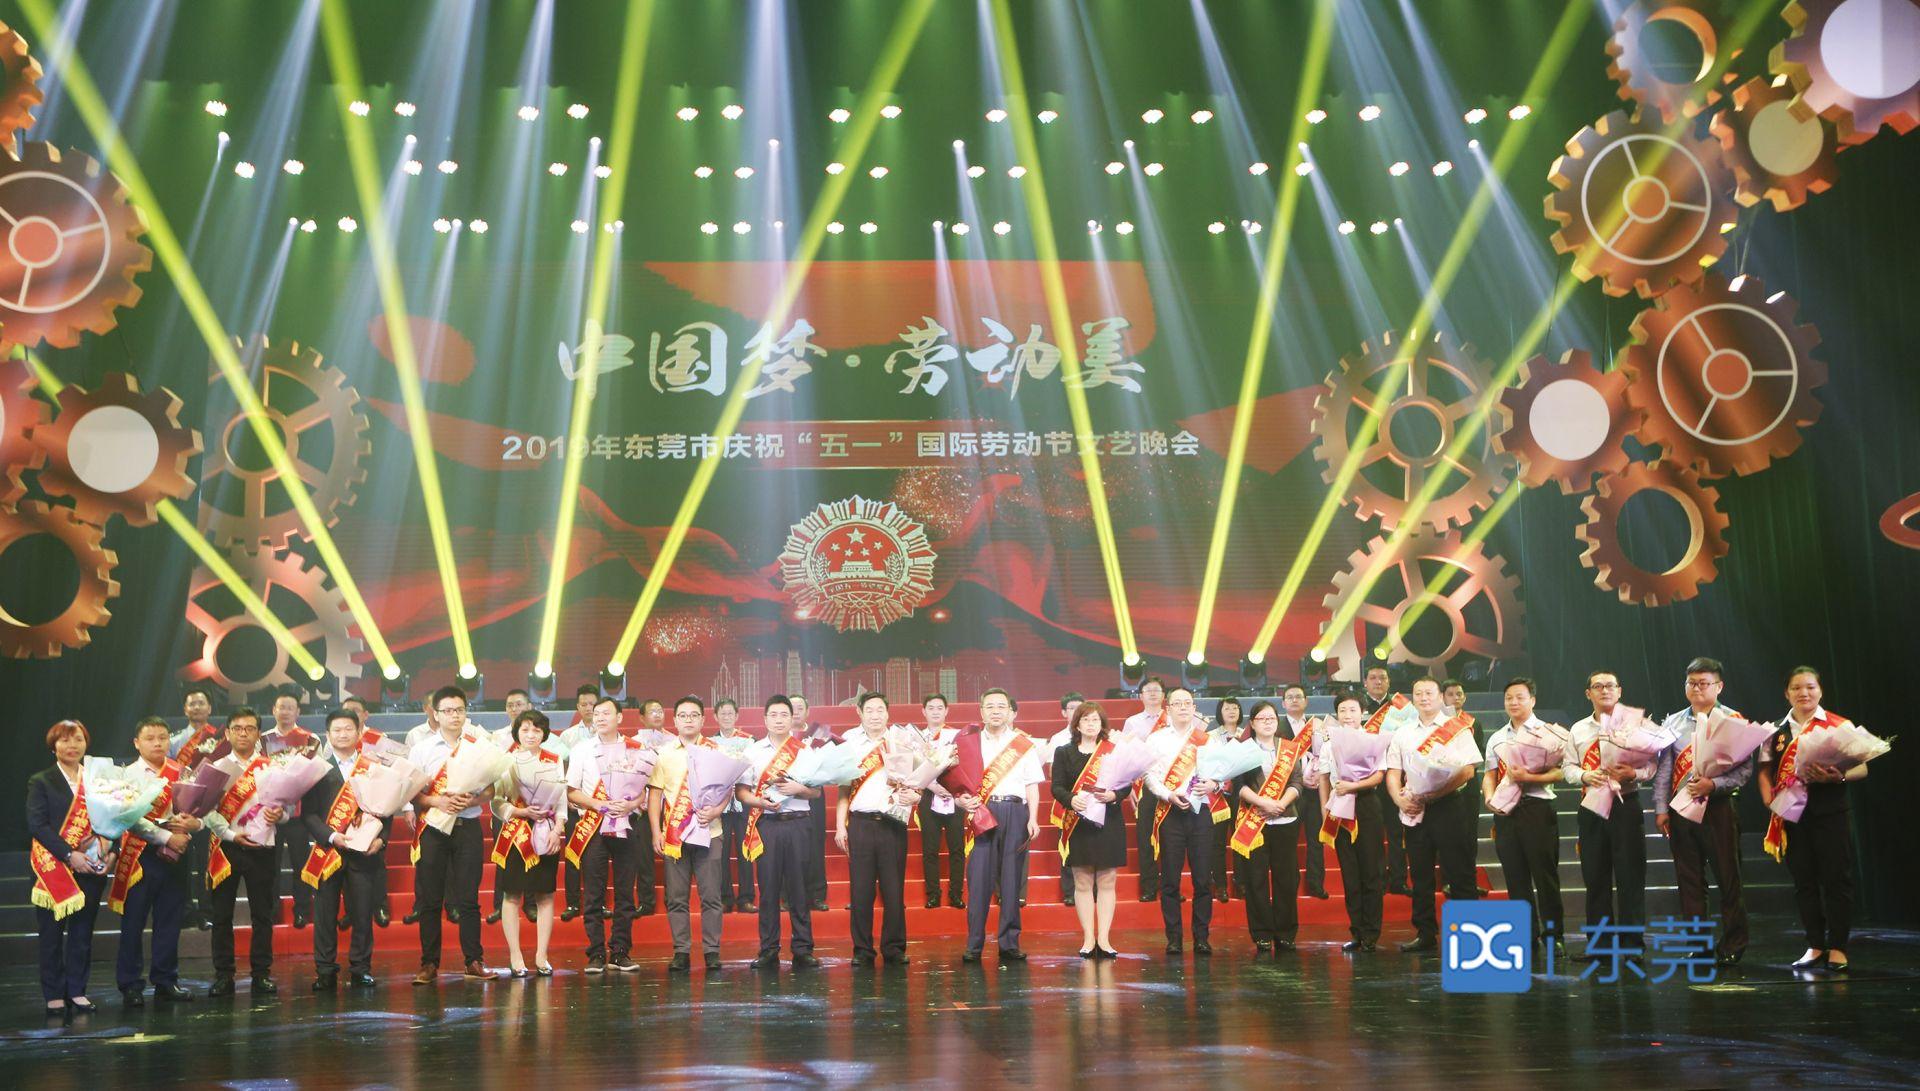 2019年东莞市庆祝五一国际劳动节文艺晚会举